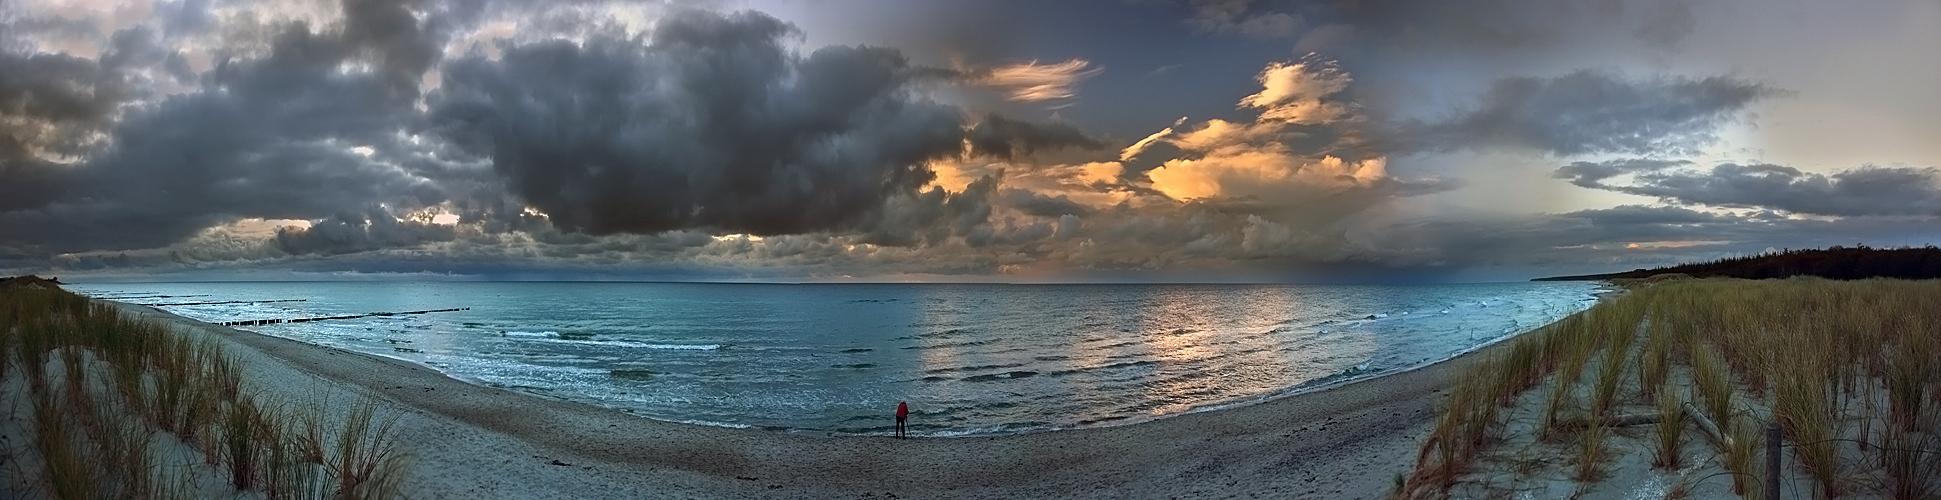 Einsam am Strand Forum für Naturfotografen